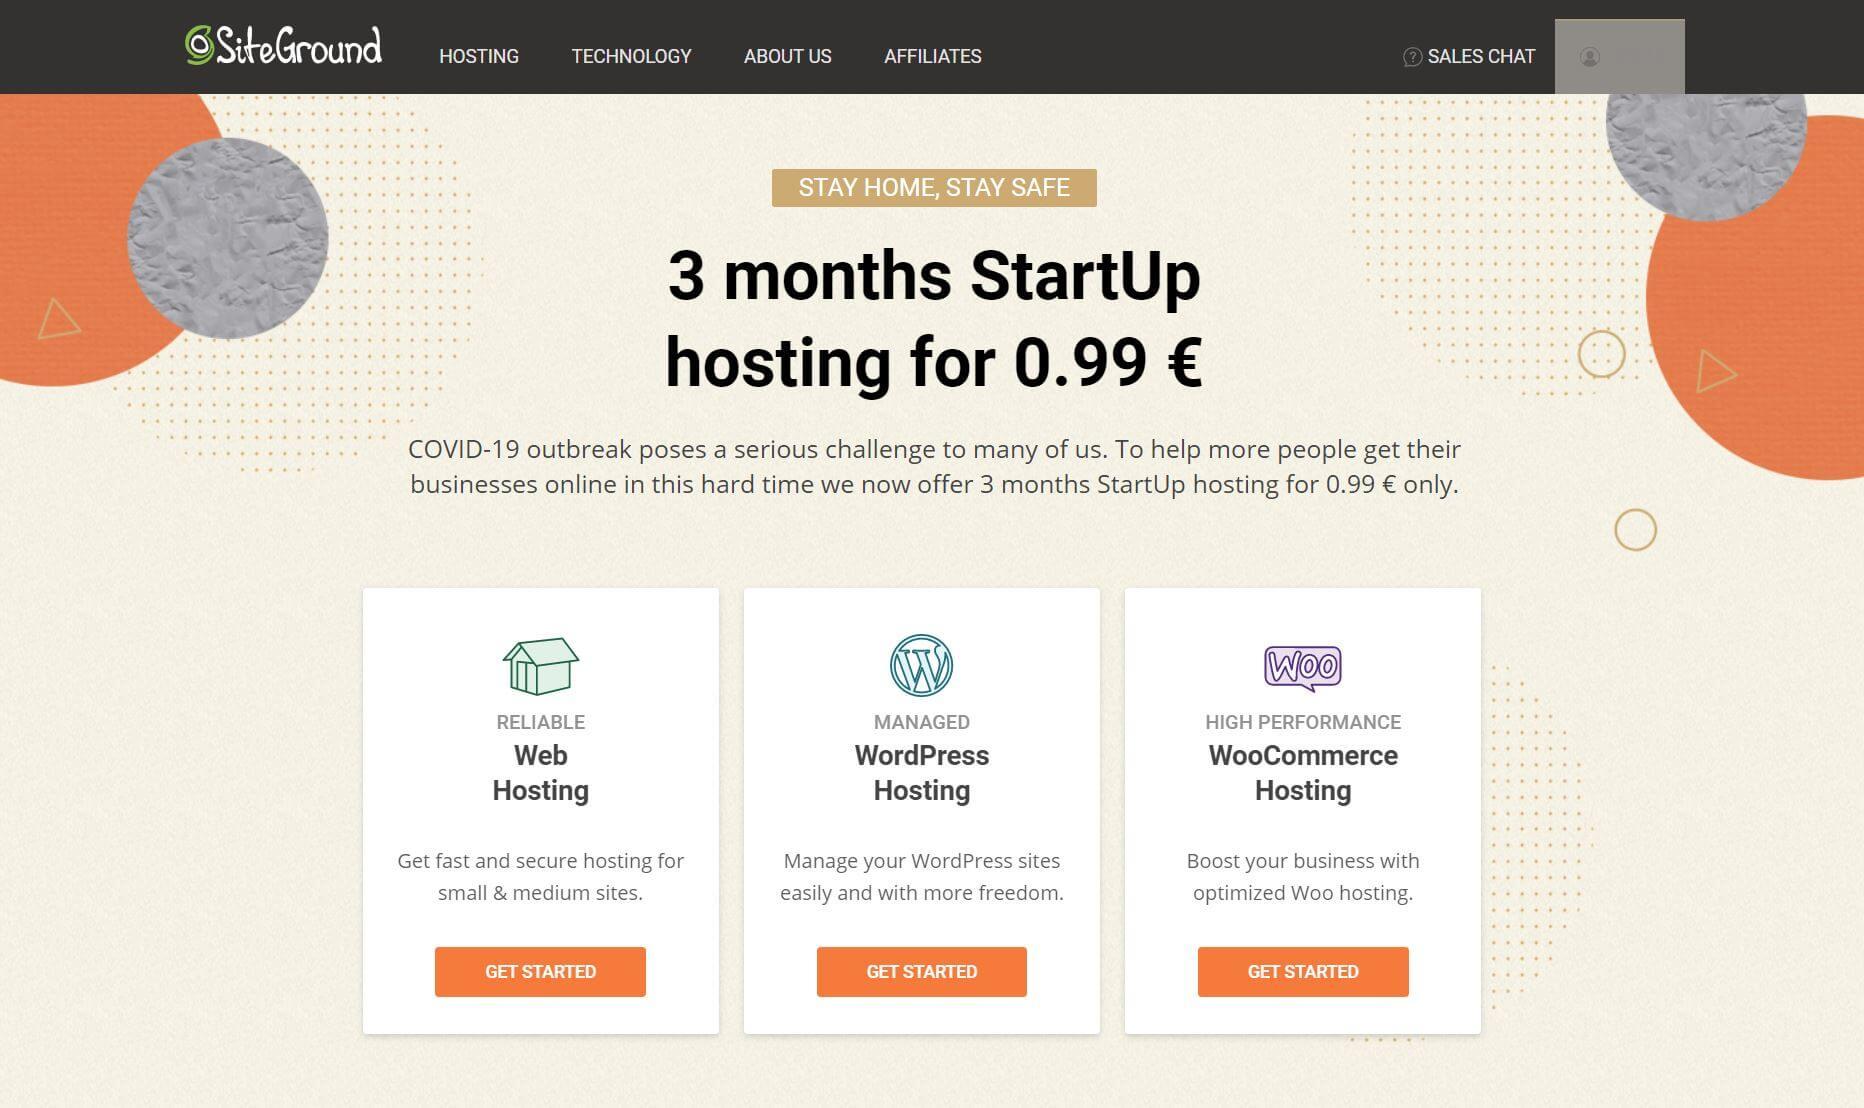 siteground hosting offer